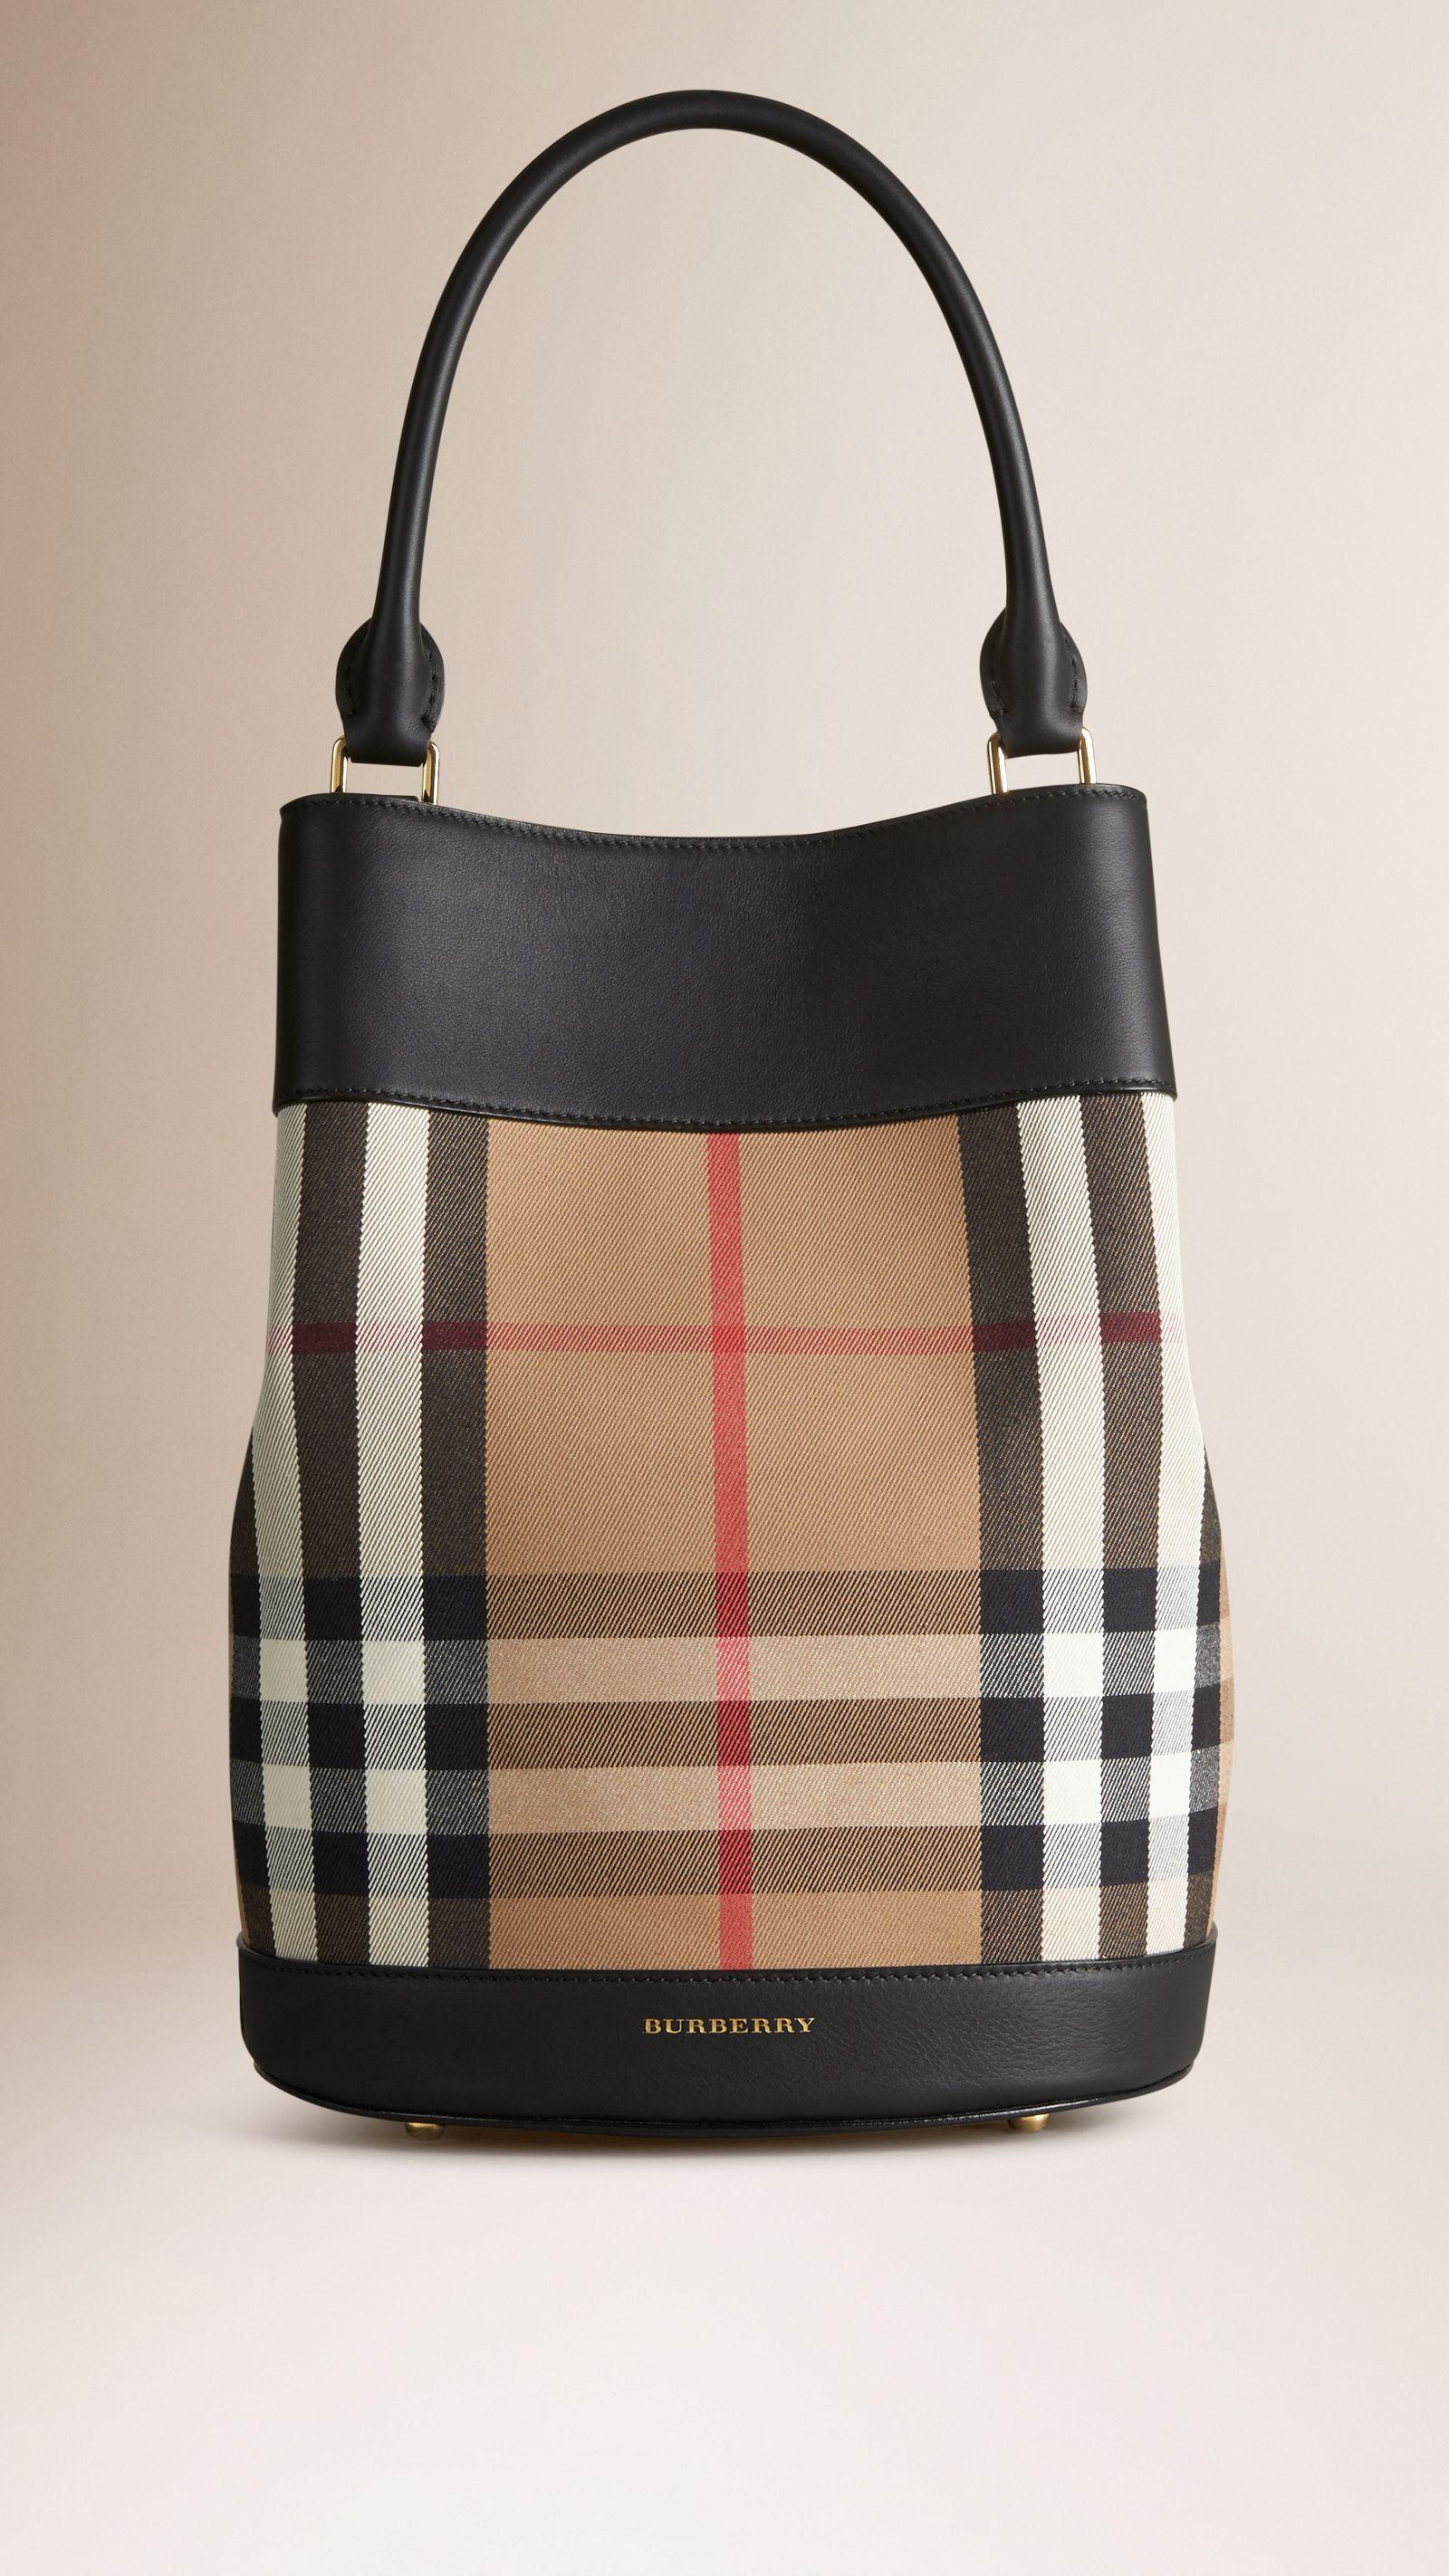 Bolsa The Bucket de couro com padrão House check   Burberry   Hassan ... 00322e7f285